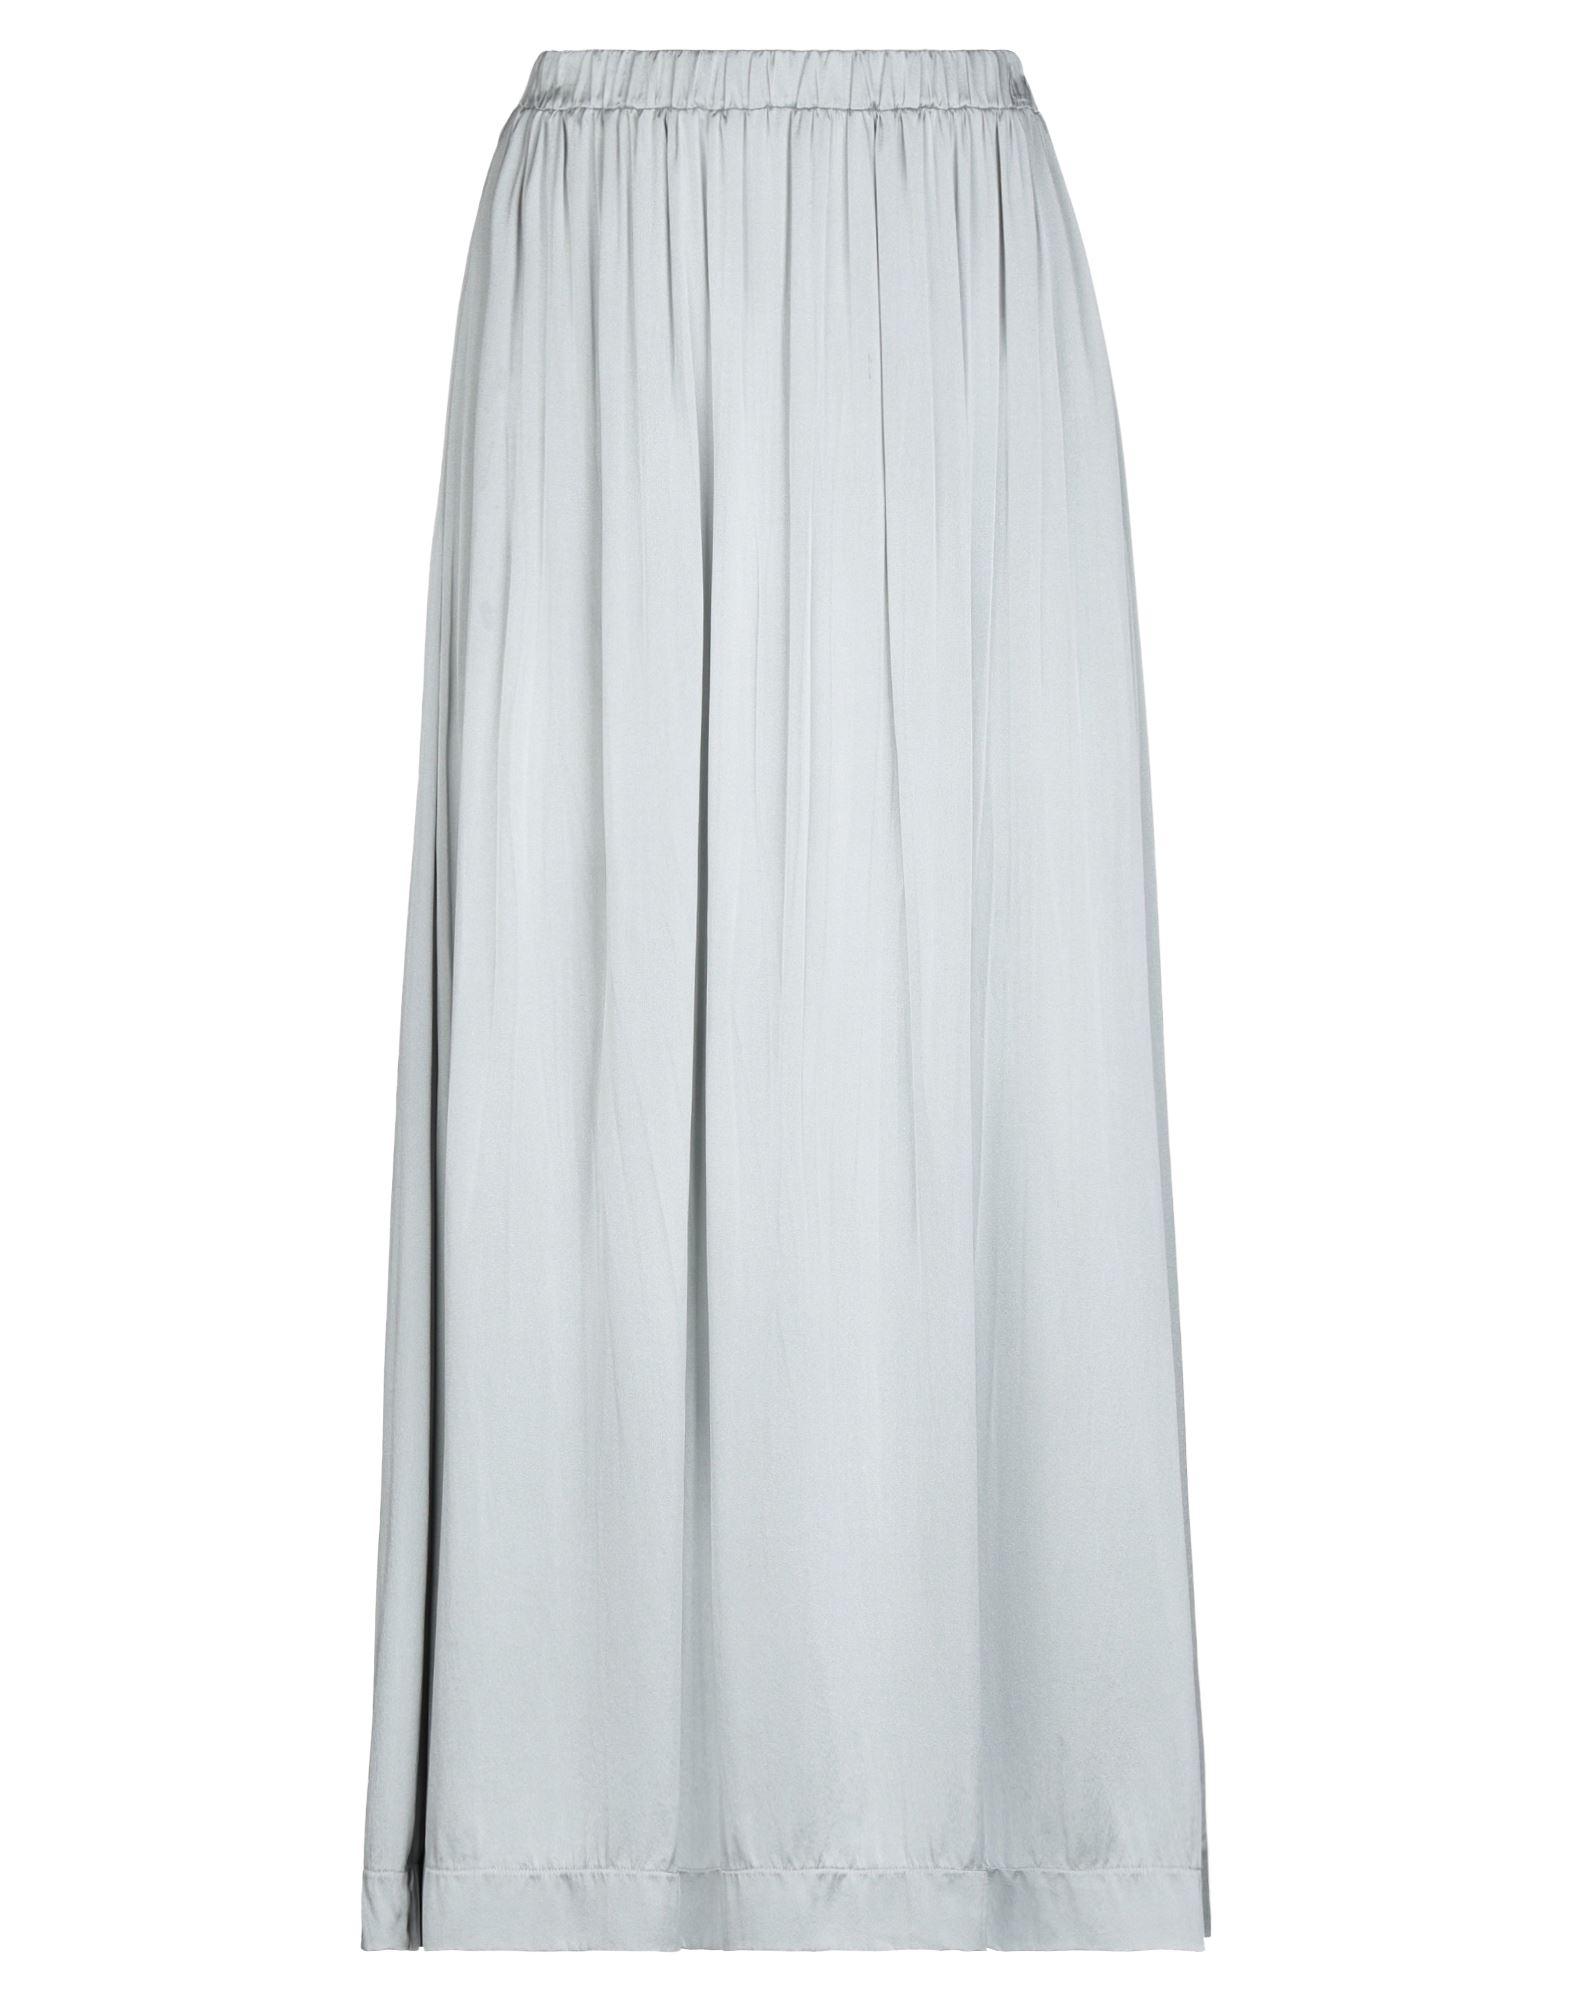 shirt c zero майка SHIRT C-ZERO Длинная юбка